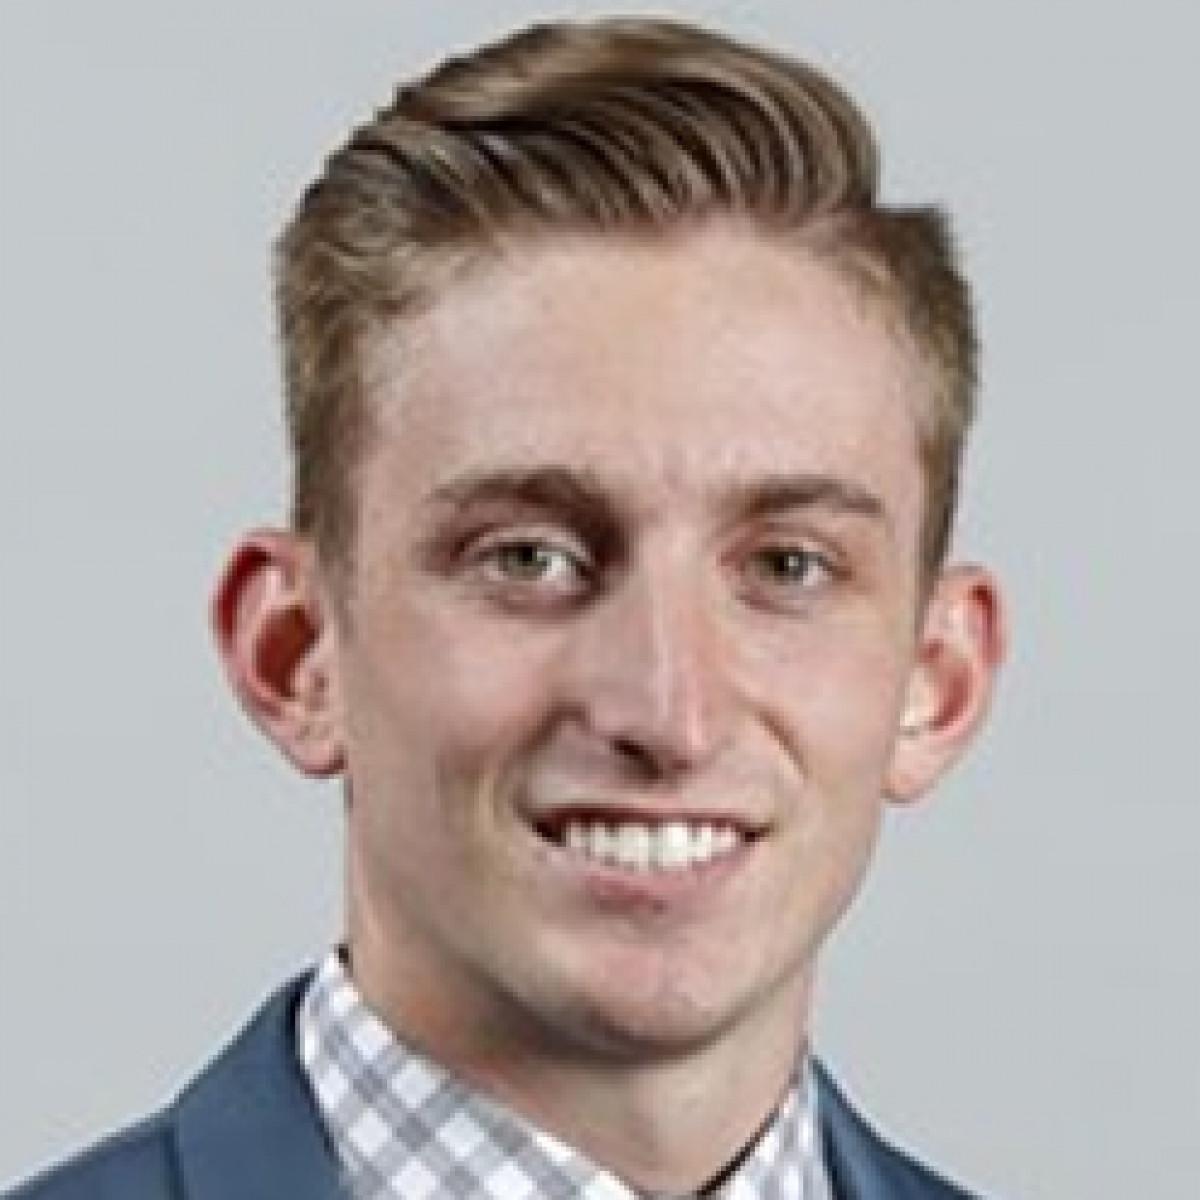 Jake Baughman